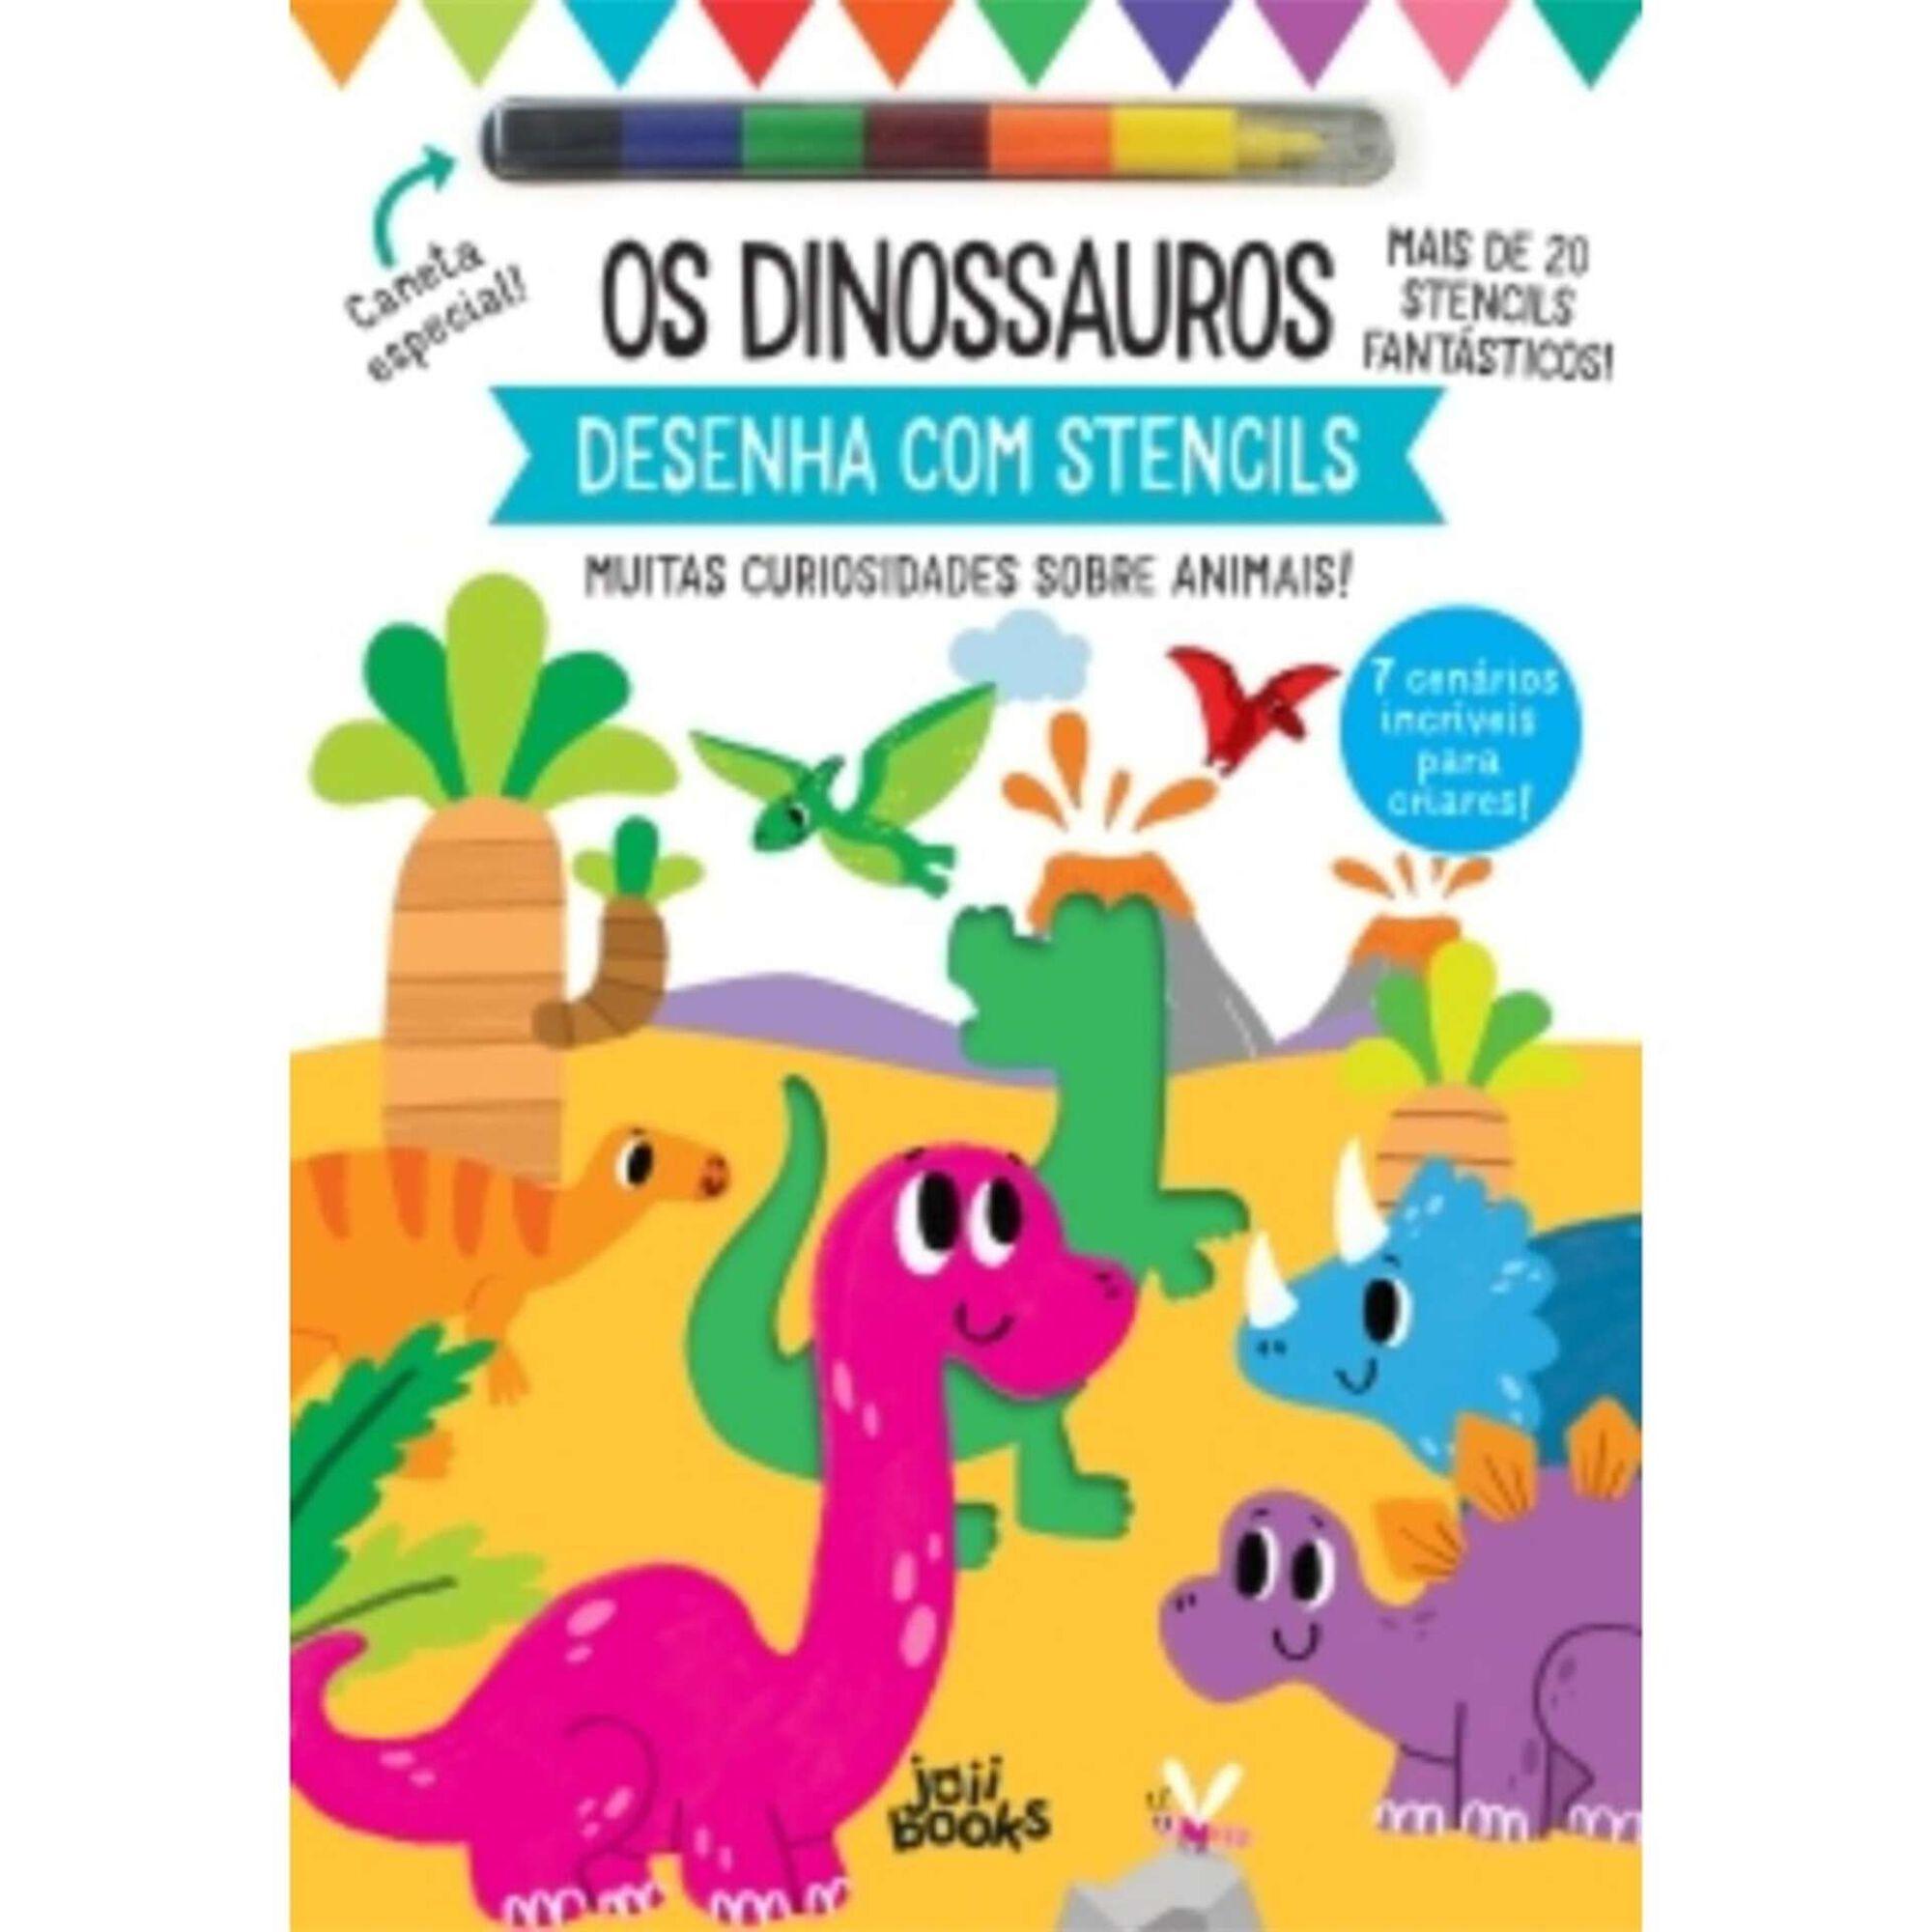 Desenha com Stencils - Os Dinossauros